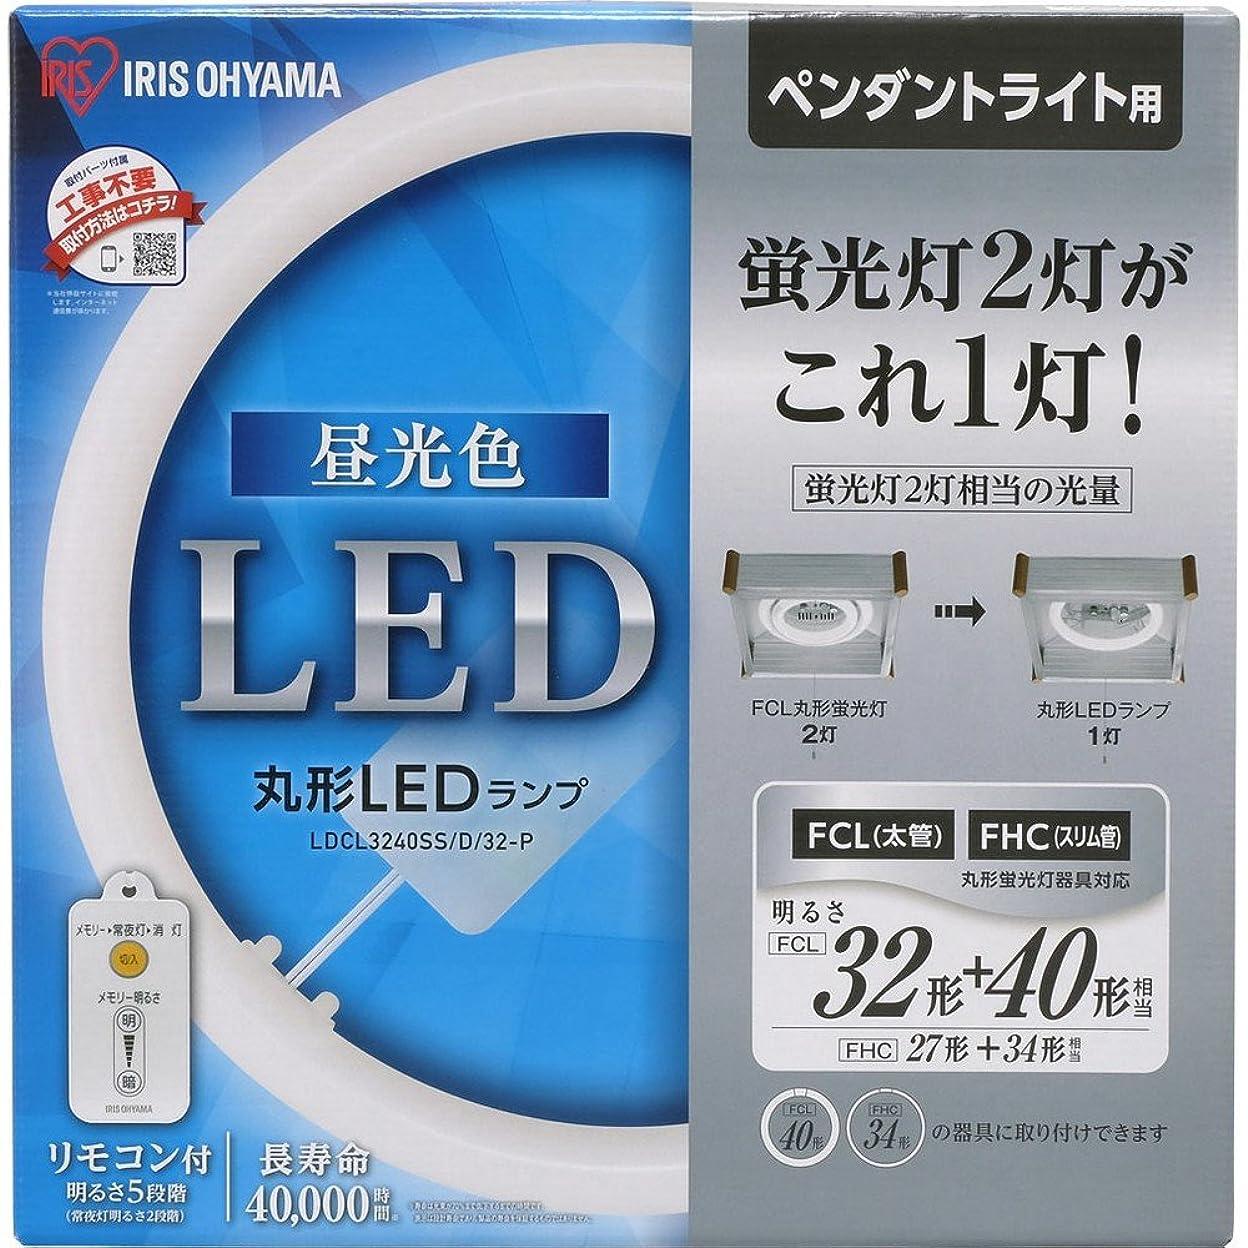 コンセンサス素晴らしい良い多くの冒険者アイリスオーヤマ LED 丸型 (FCL) 32形+40形 昼光色 ペンダントライト用 省エネ大賞受賞 蛍光灯 LDCL3240SS/D/32-P